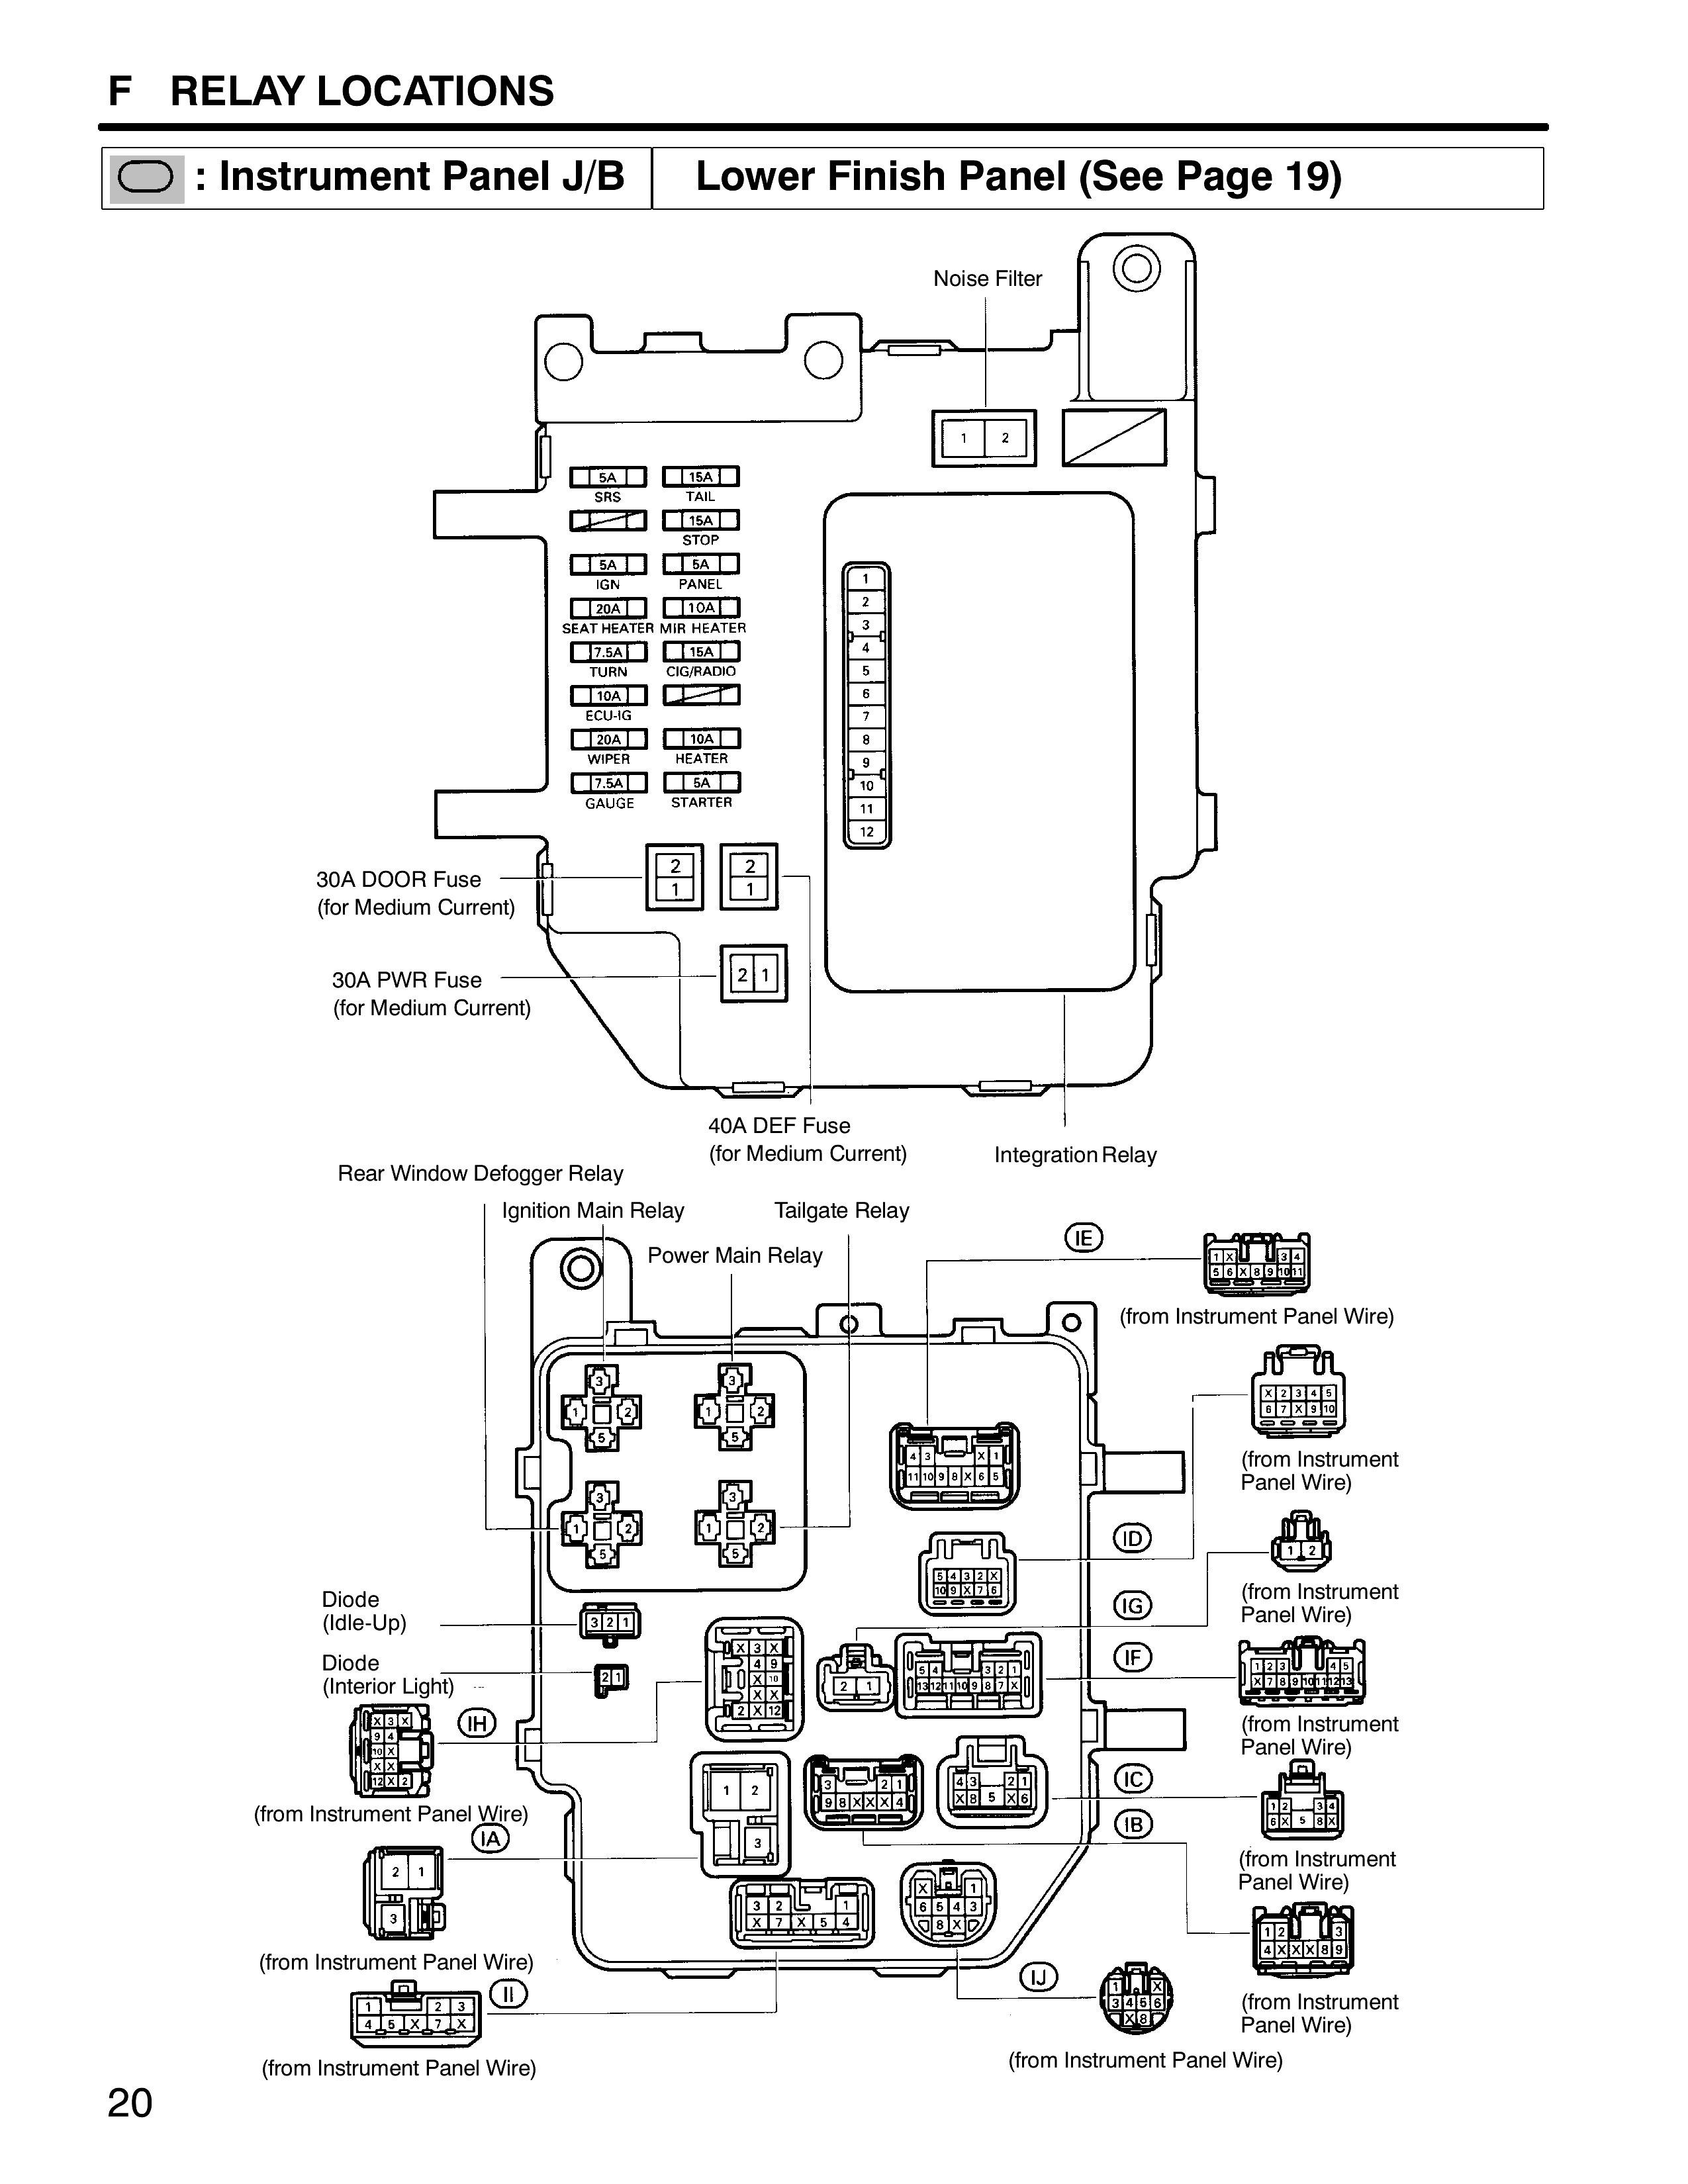 2005 rav4 wiring diagram